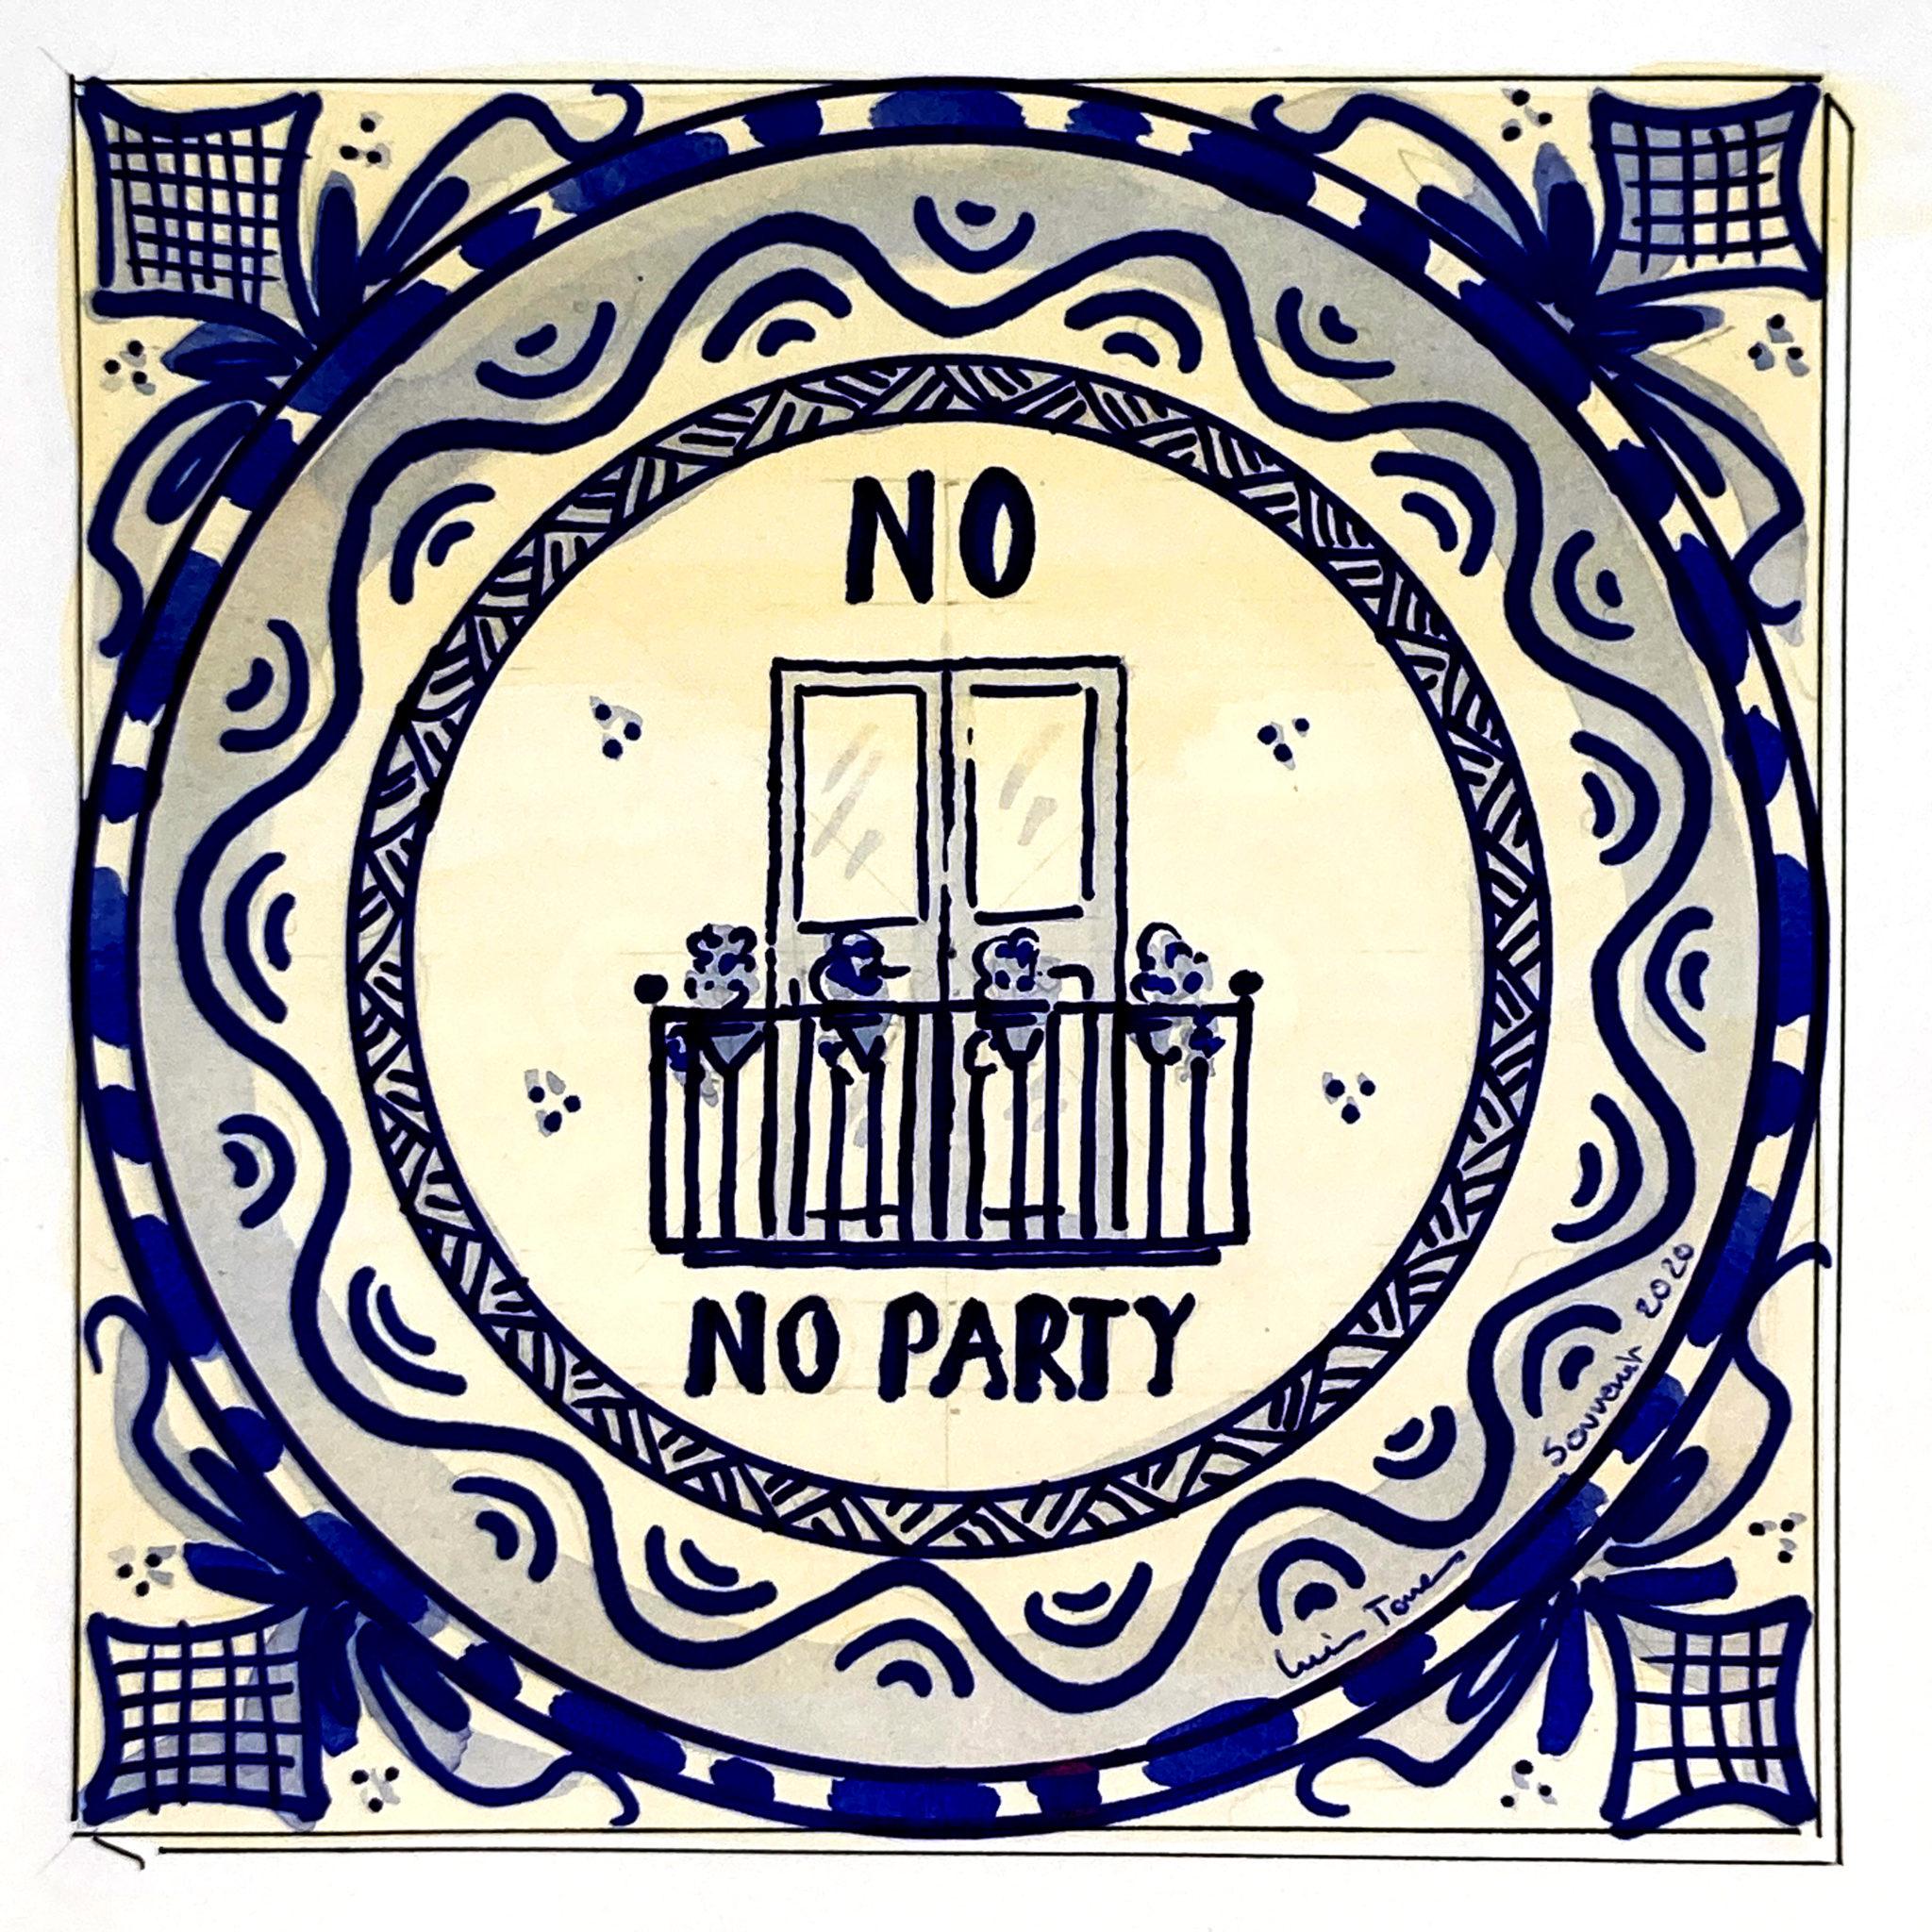 Azulejo tradicional cerámica española diseño moderno recuerdo souvenir confinamiento 2020 covid19 vida y fiesta en los balcones